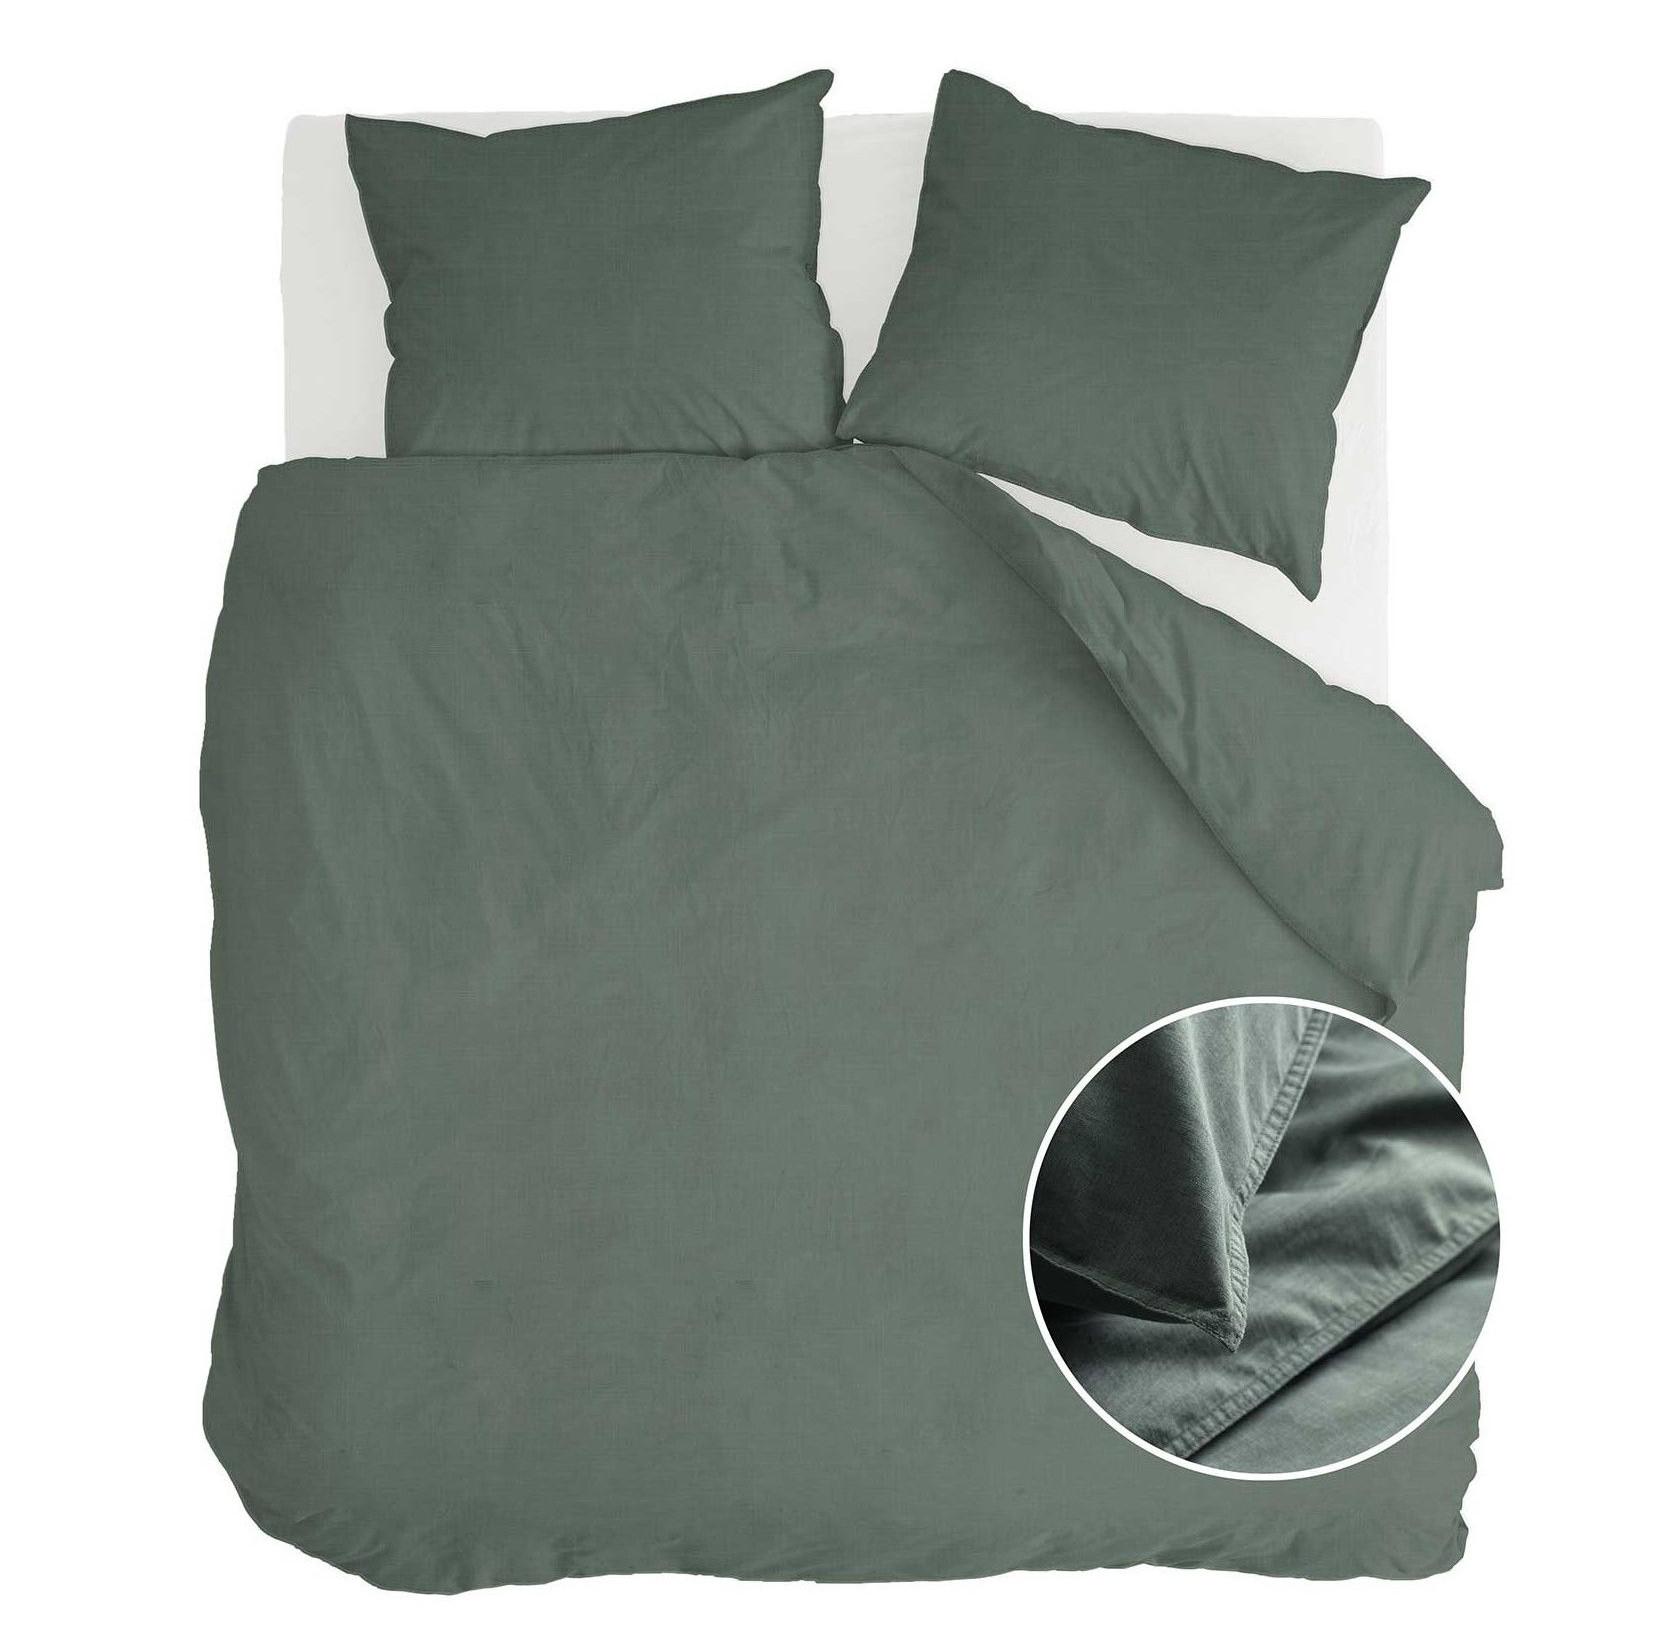 Dekbedovertrek Walra Vintage Katoen Donker Groen 200x220 cm 2-persoons dekbedovertrek